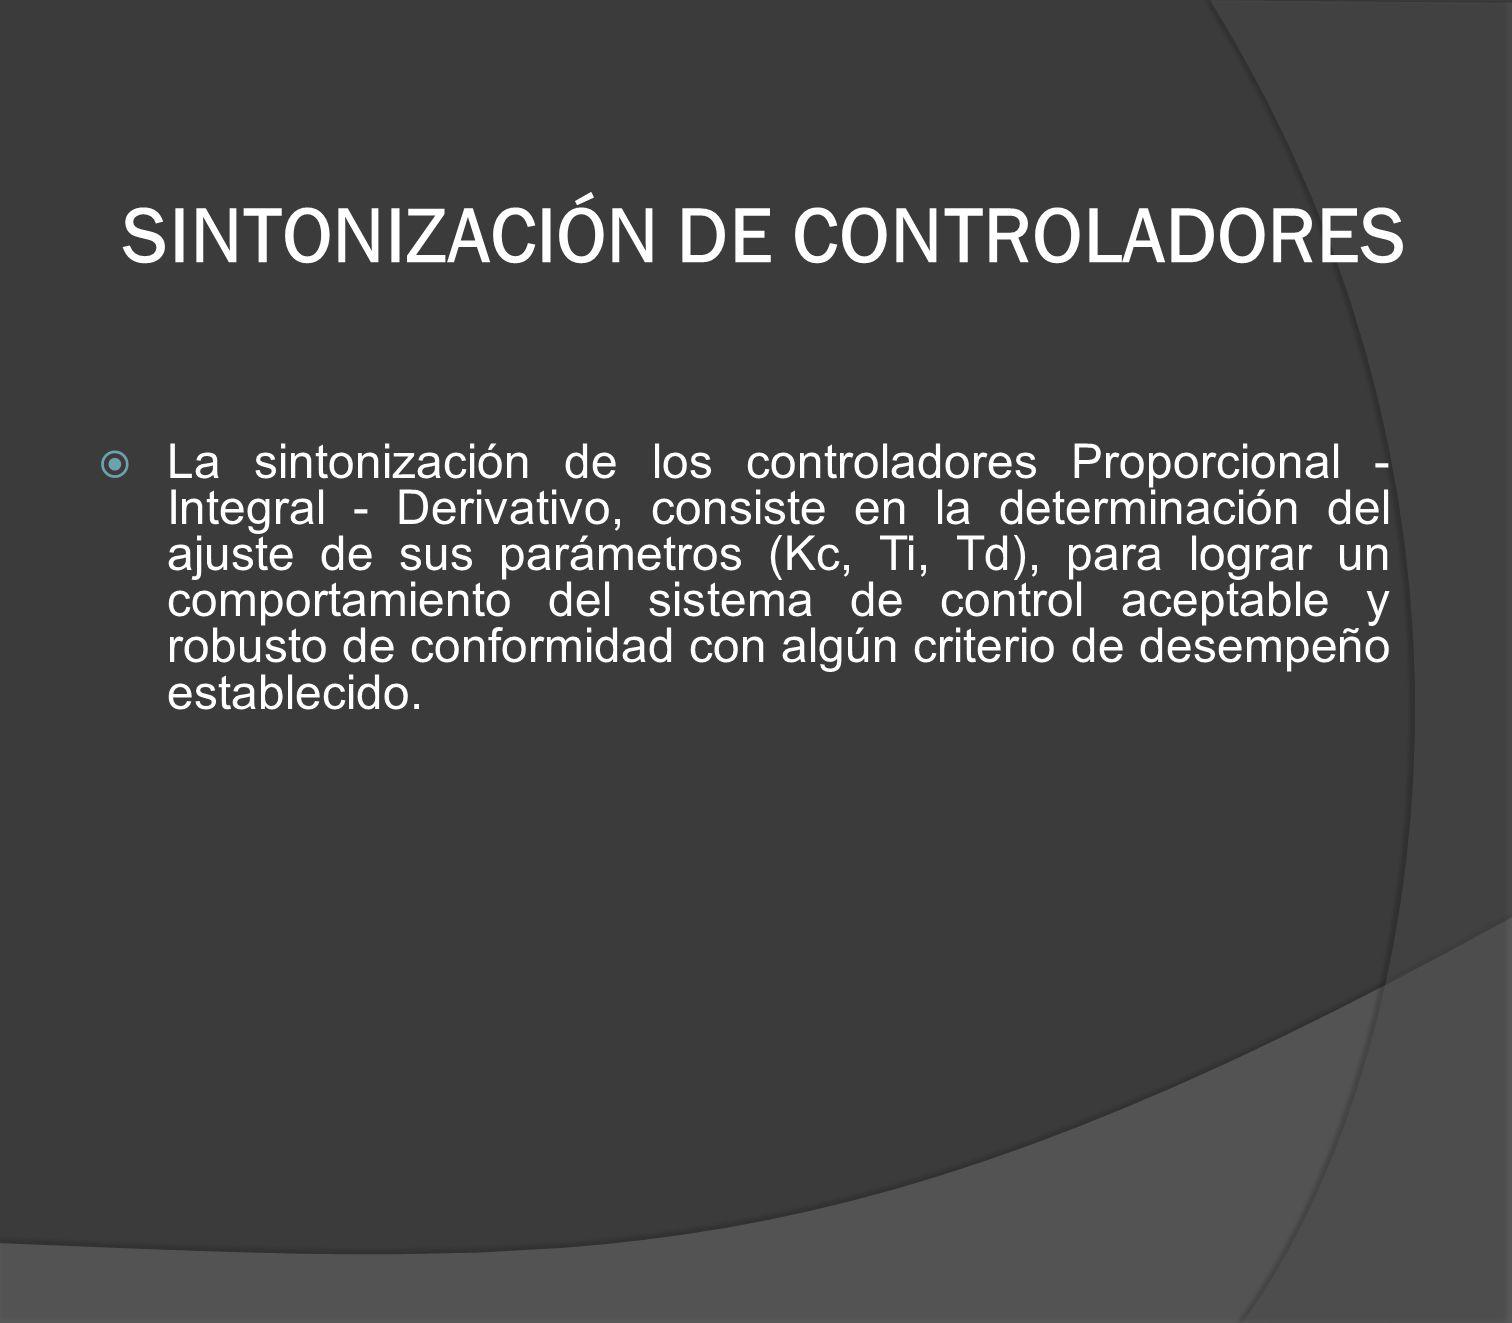 SINTONIZACIÓN DE CONTROLADORES La sintonización de los controladores Proporcional - Integral - Derivativo, consiste en la determinación del ajuste de